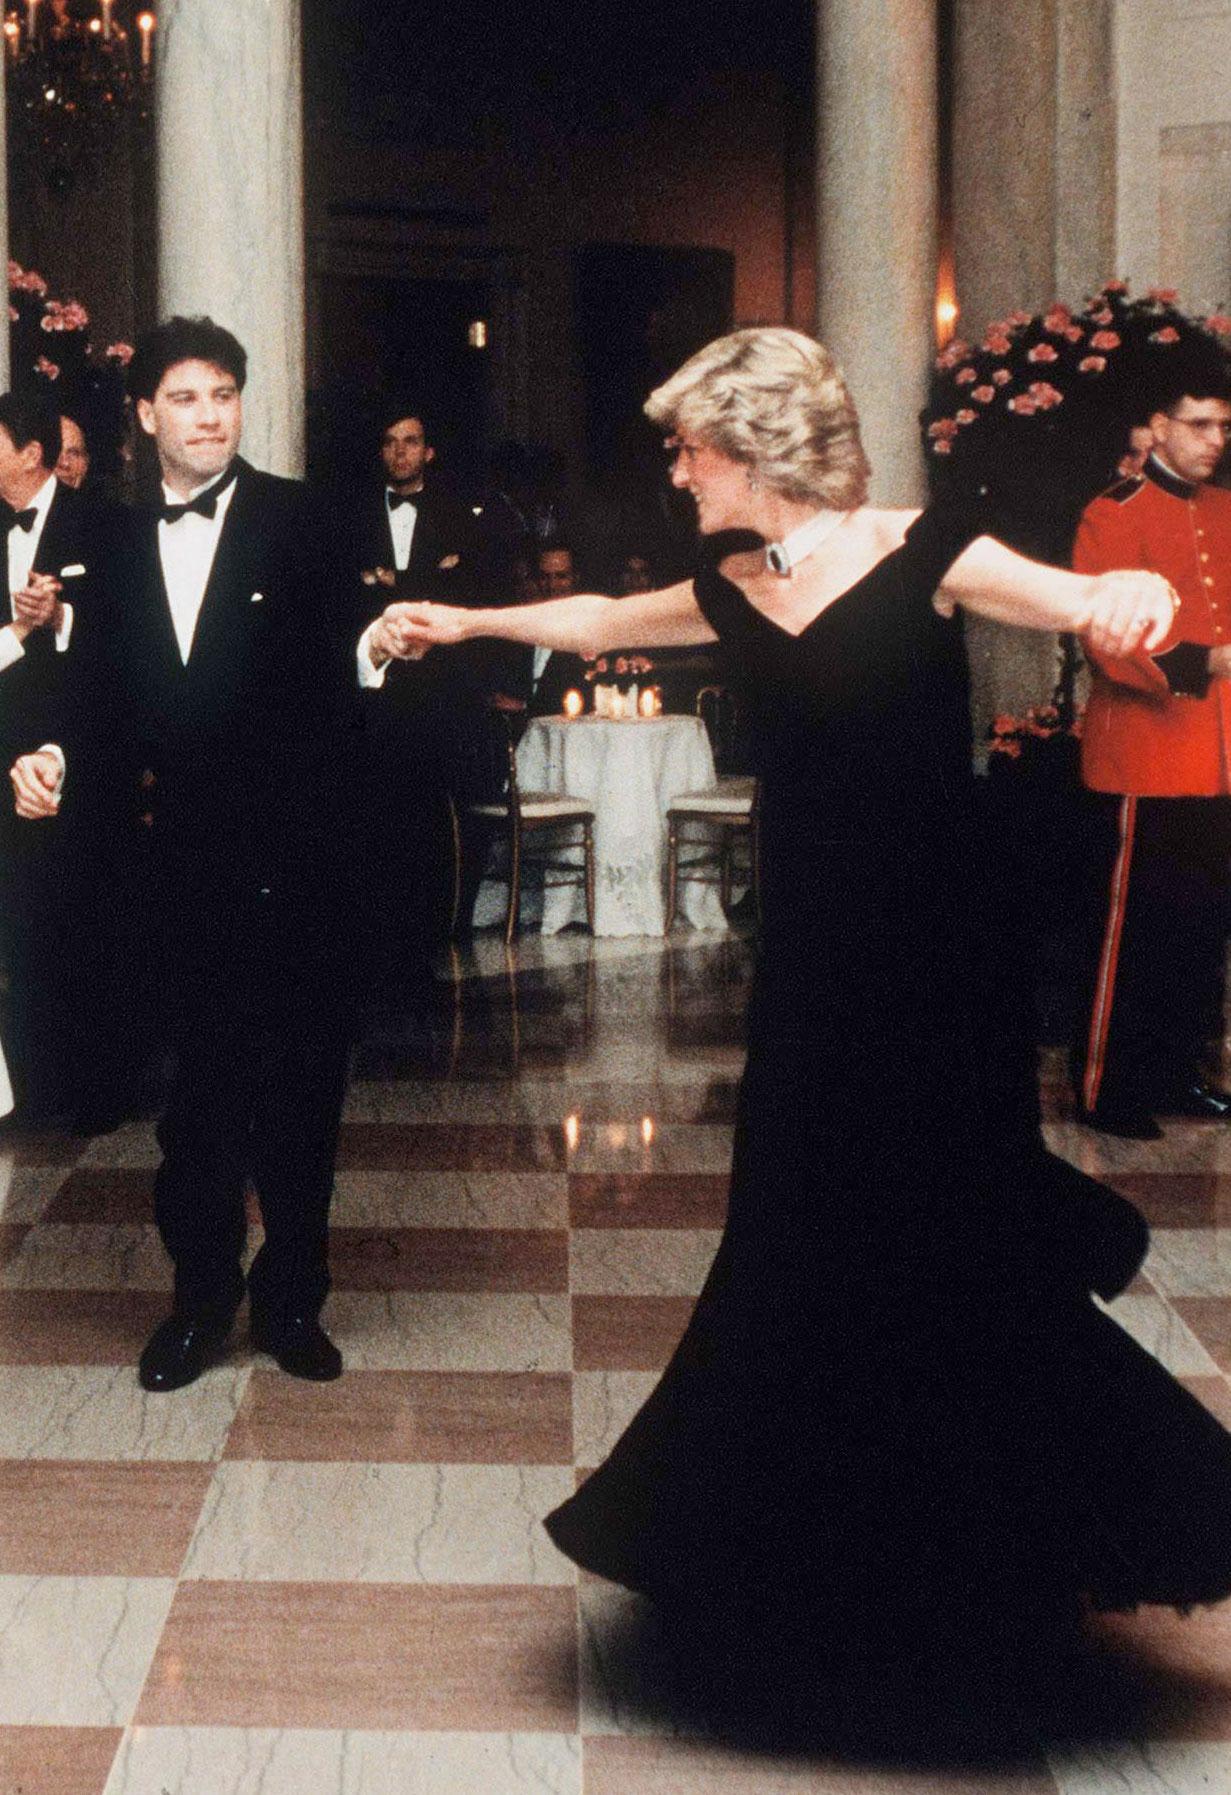 JohnTravolta-Prinses-Diana-dansen-Witte-Huis-gala-1985